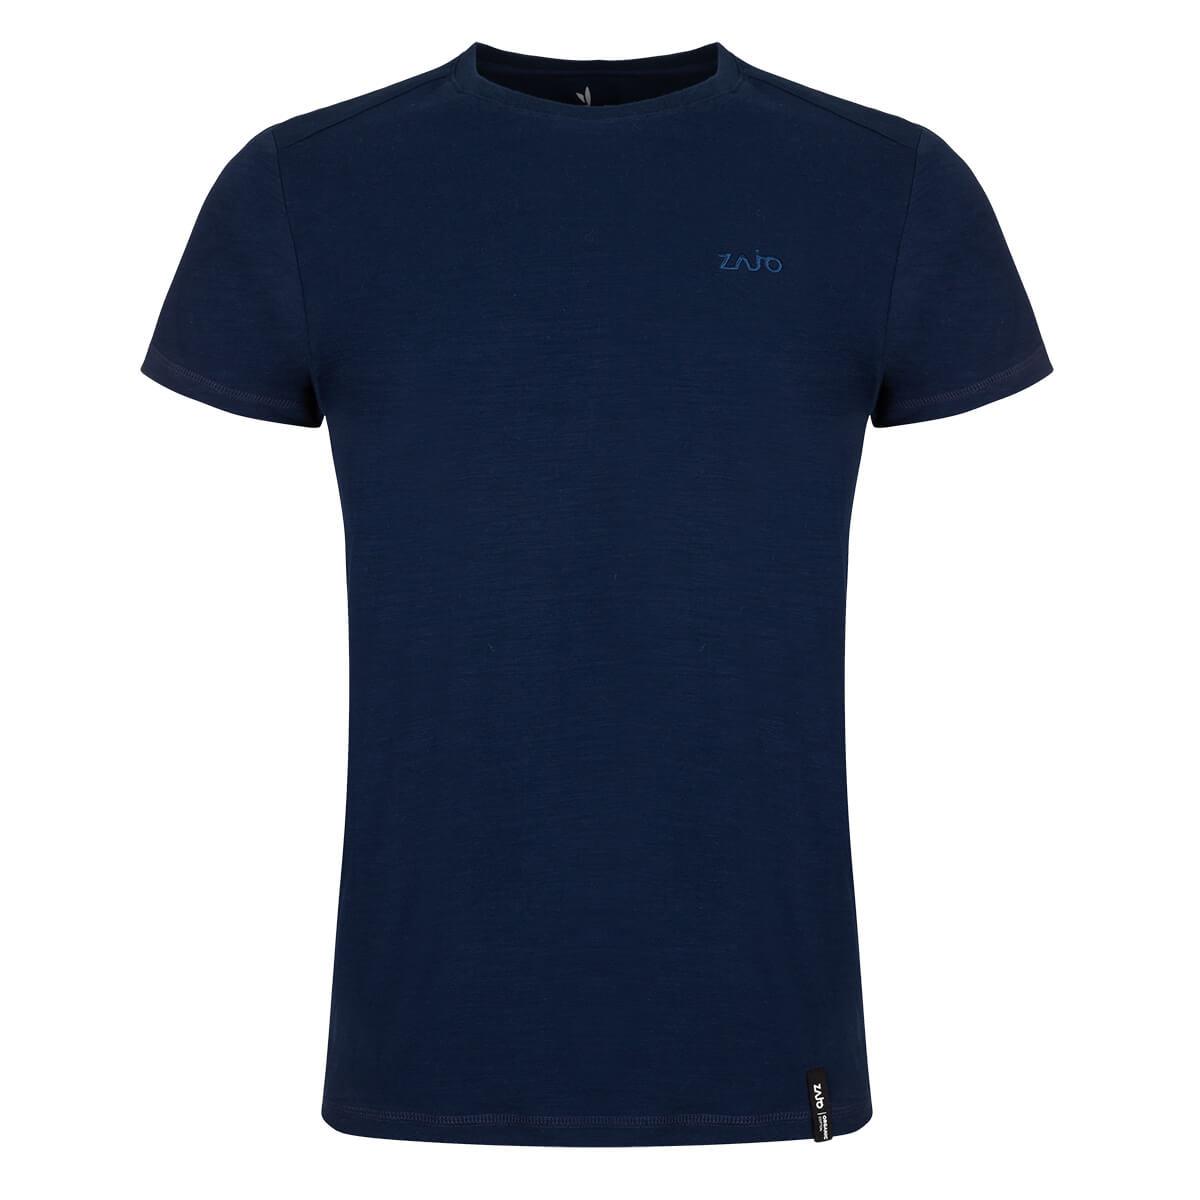 ZAJO Sven T-Shirt SS pánske tričko Navy - veľkosť S